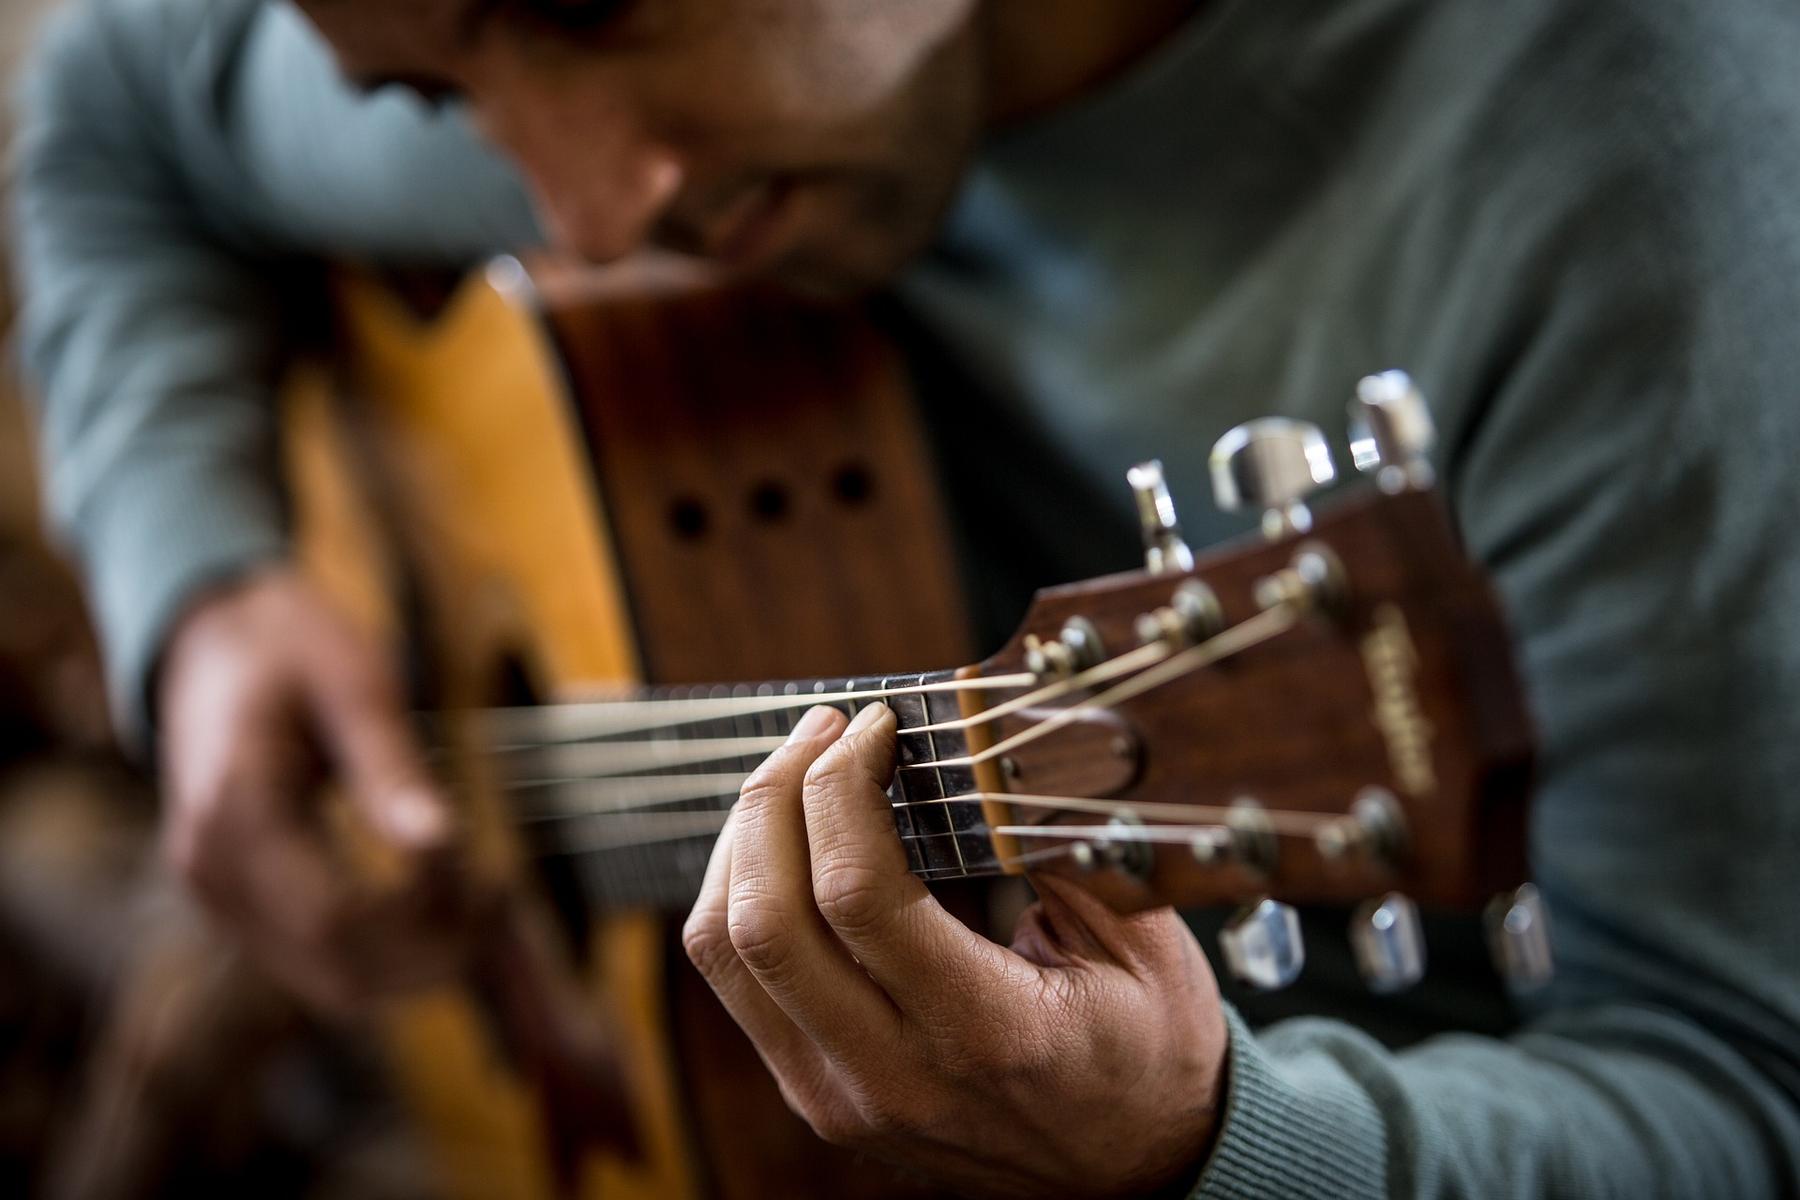 En el Museo del a Guitarra Española Antonio de Torres se puede escuchar y tocar diferentes guitarras.